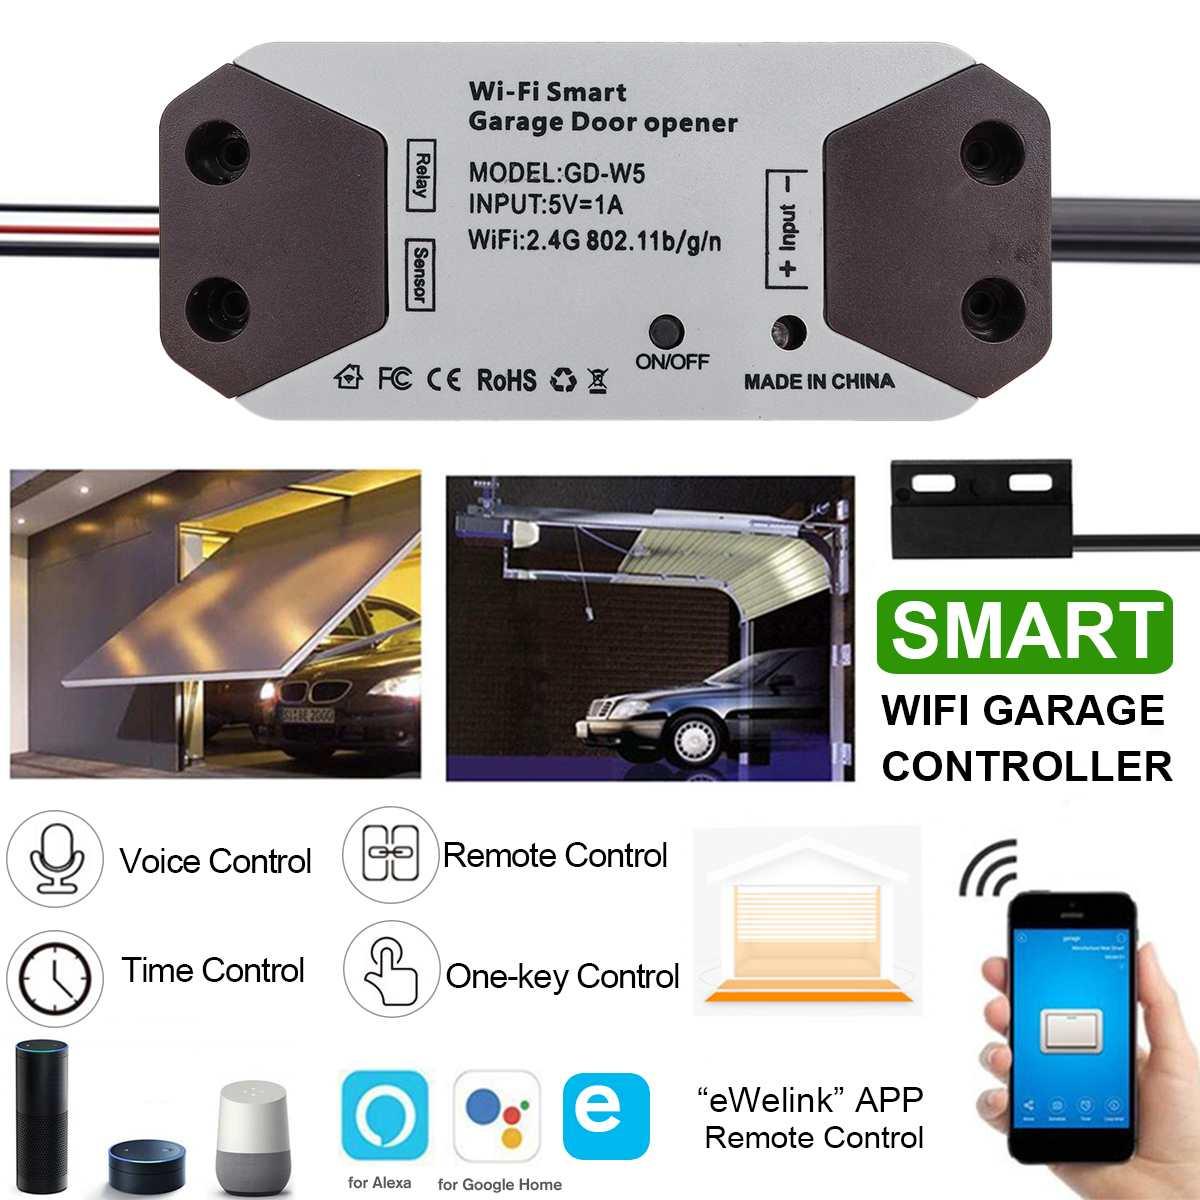 WiFi Smart Garage Door Opener Switch APP Remote Controll Door Garage Open Close Monitor For Google Home For Alexa For Echo